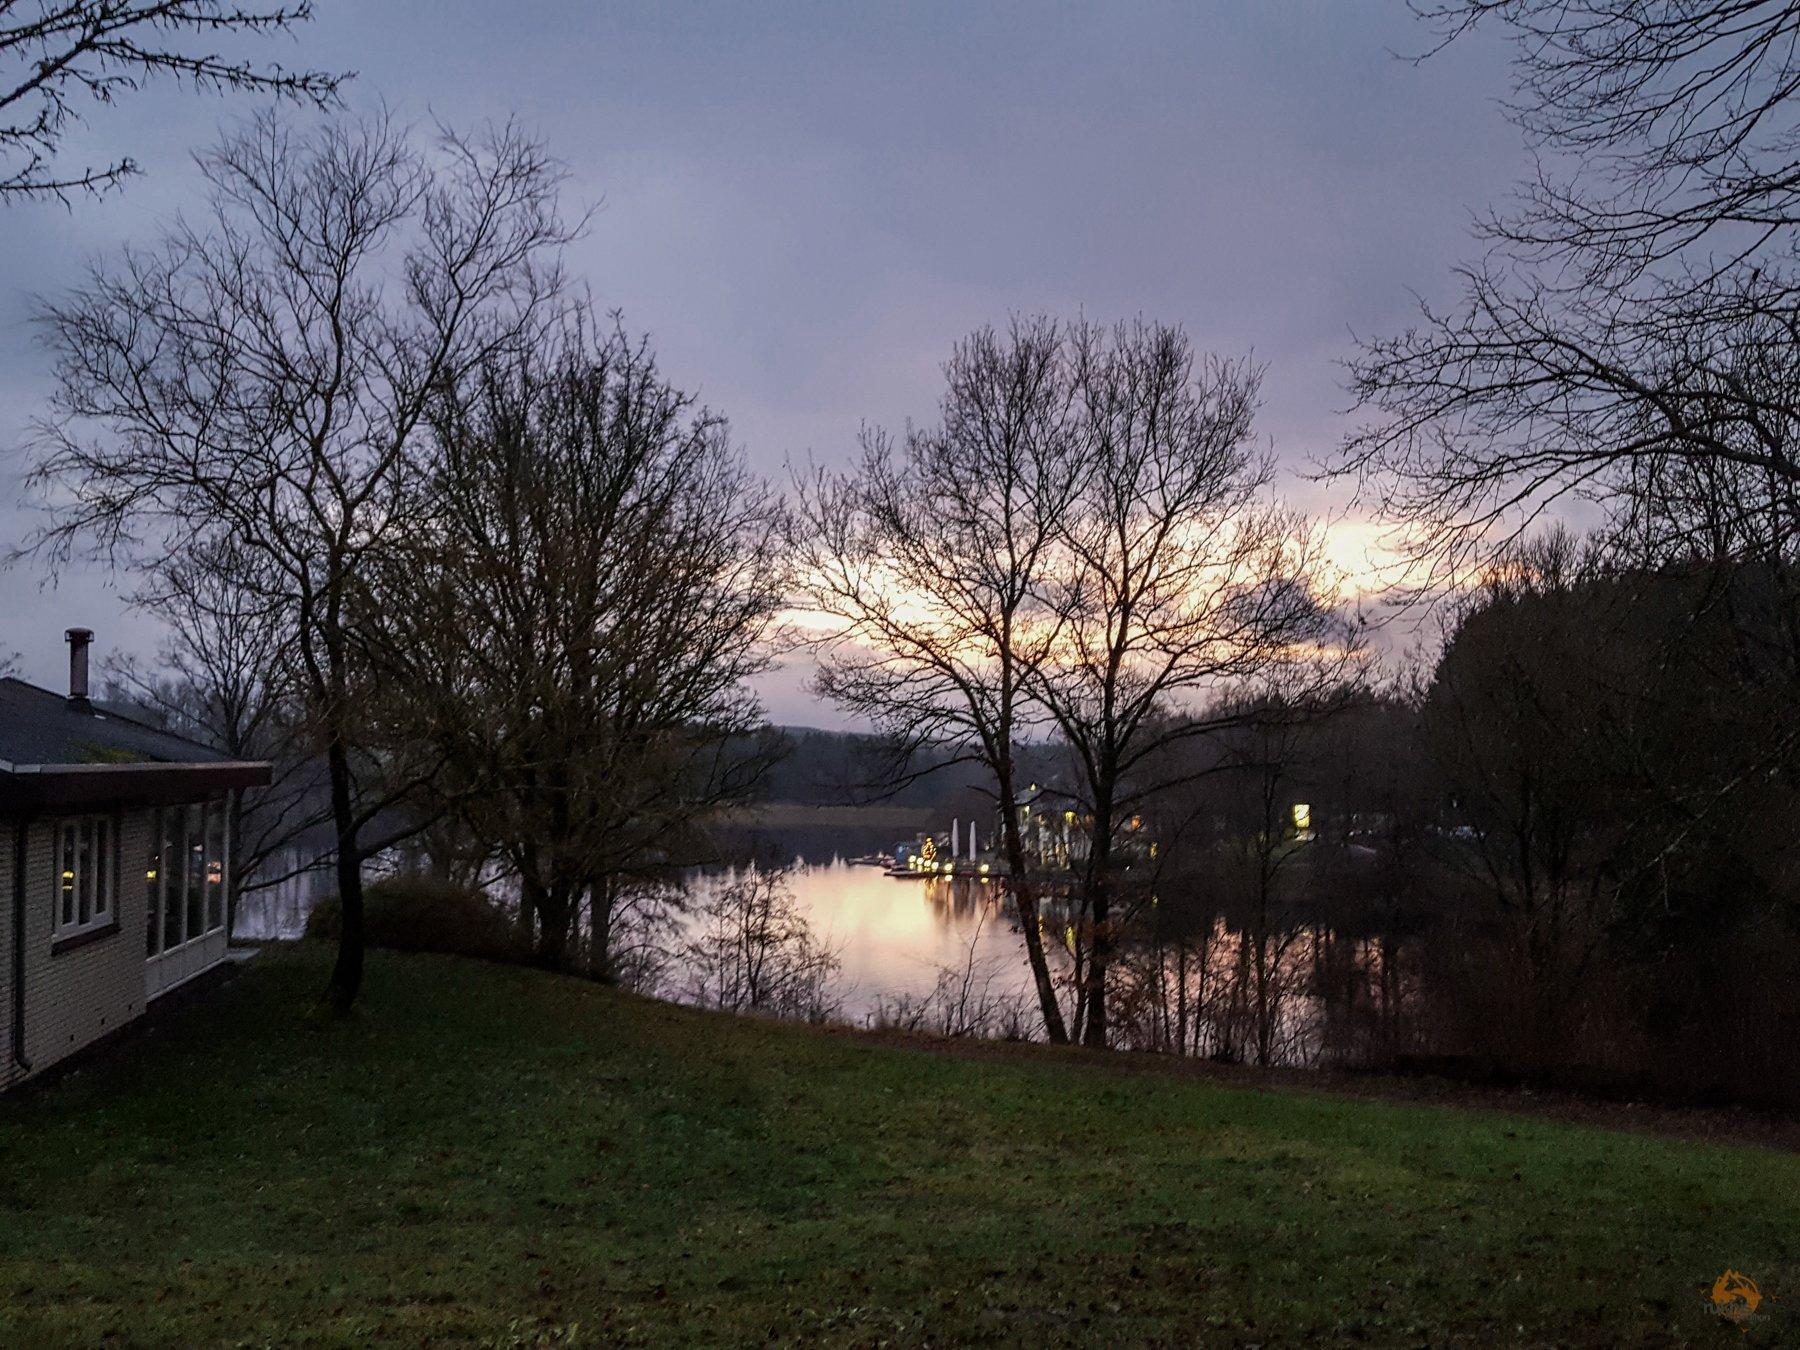 Ausblick aus dem Ferienhaus im Landal Hochwald- Kell am See - Rheinland Pfalz